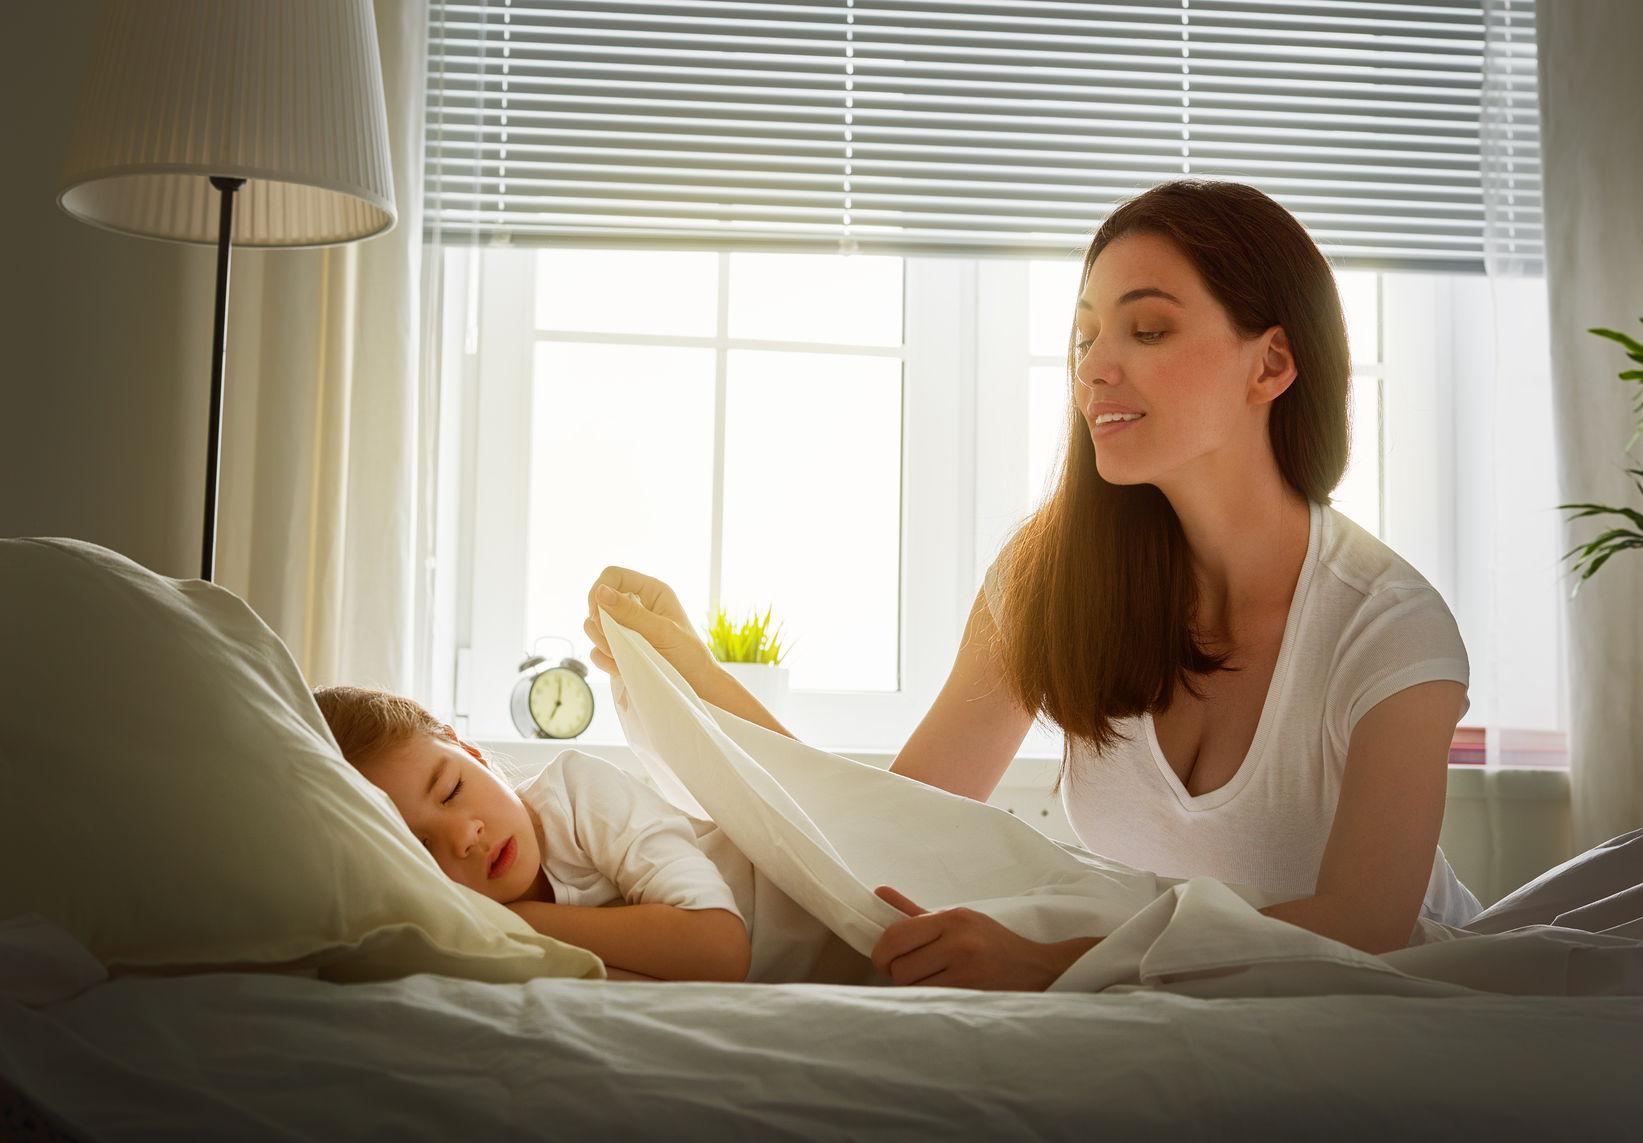 Исследование показало, что матери, чьи дети ложатся спать до 20:30, более счастливы